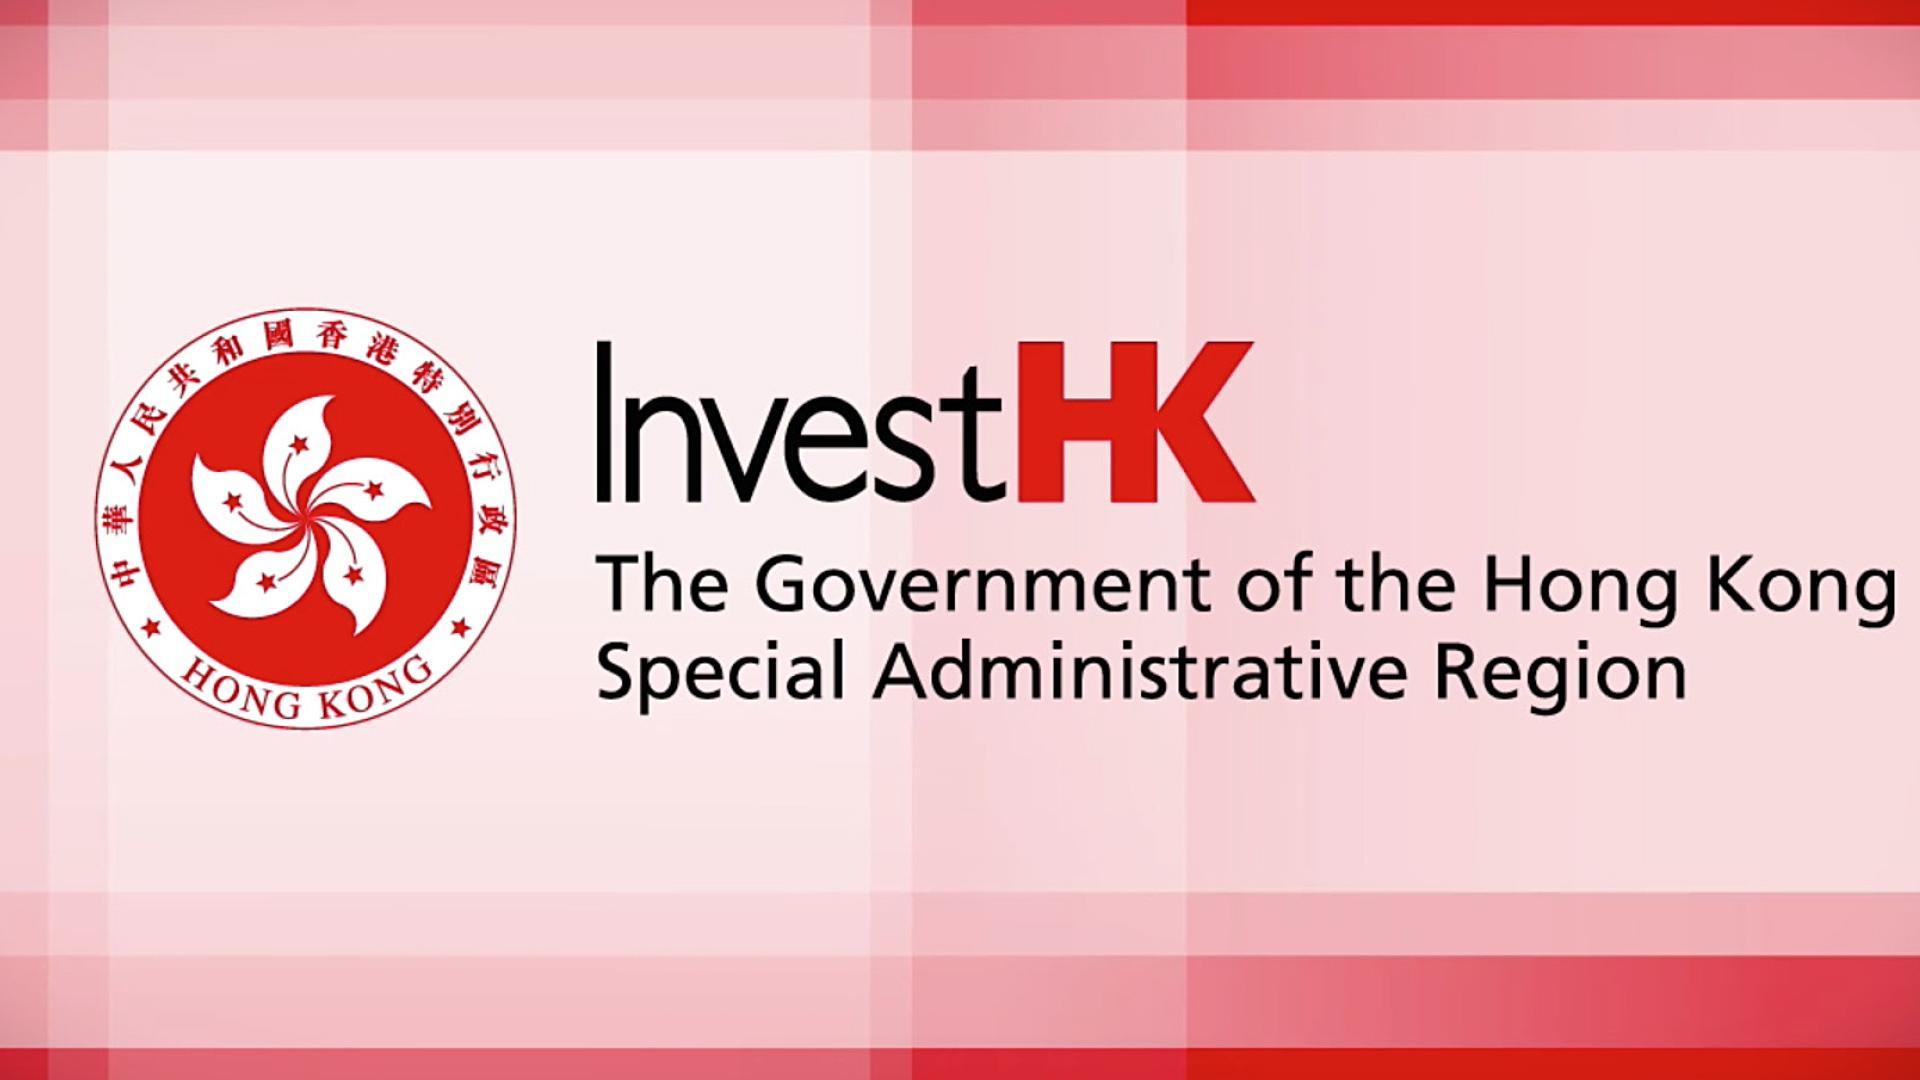 投資推廣署 – 政府部門一覽-(商業與法律)